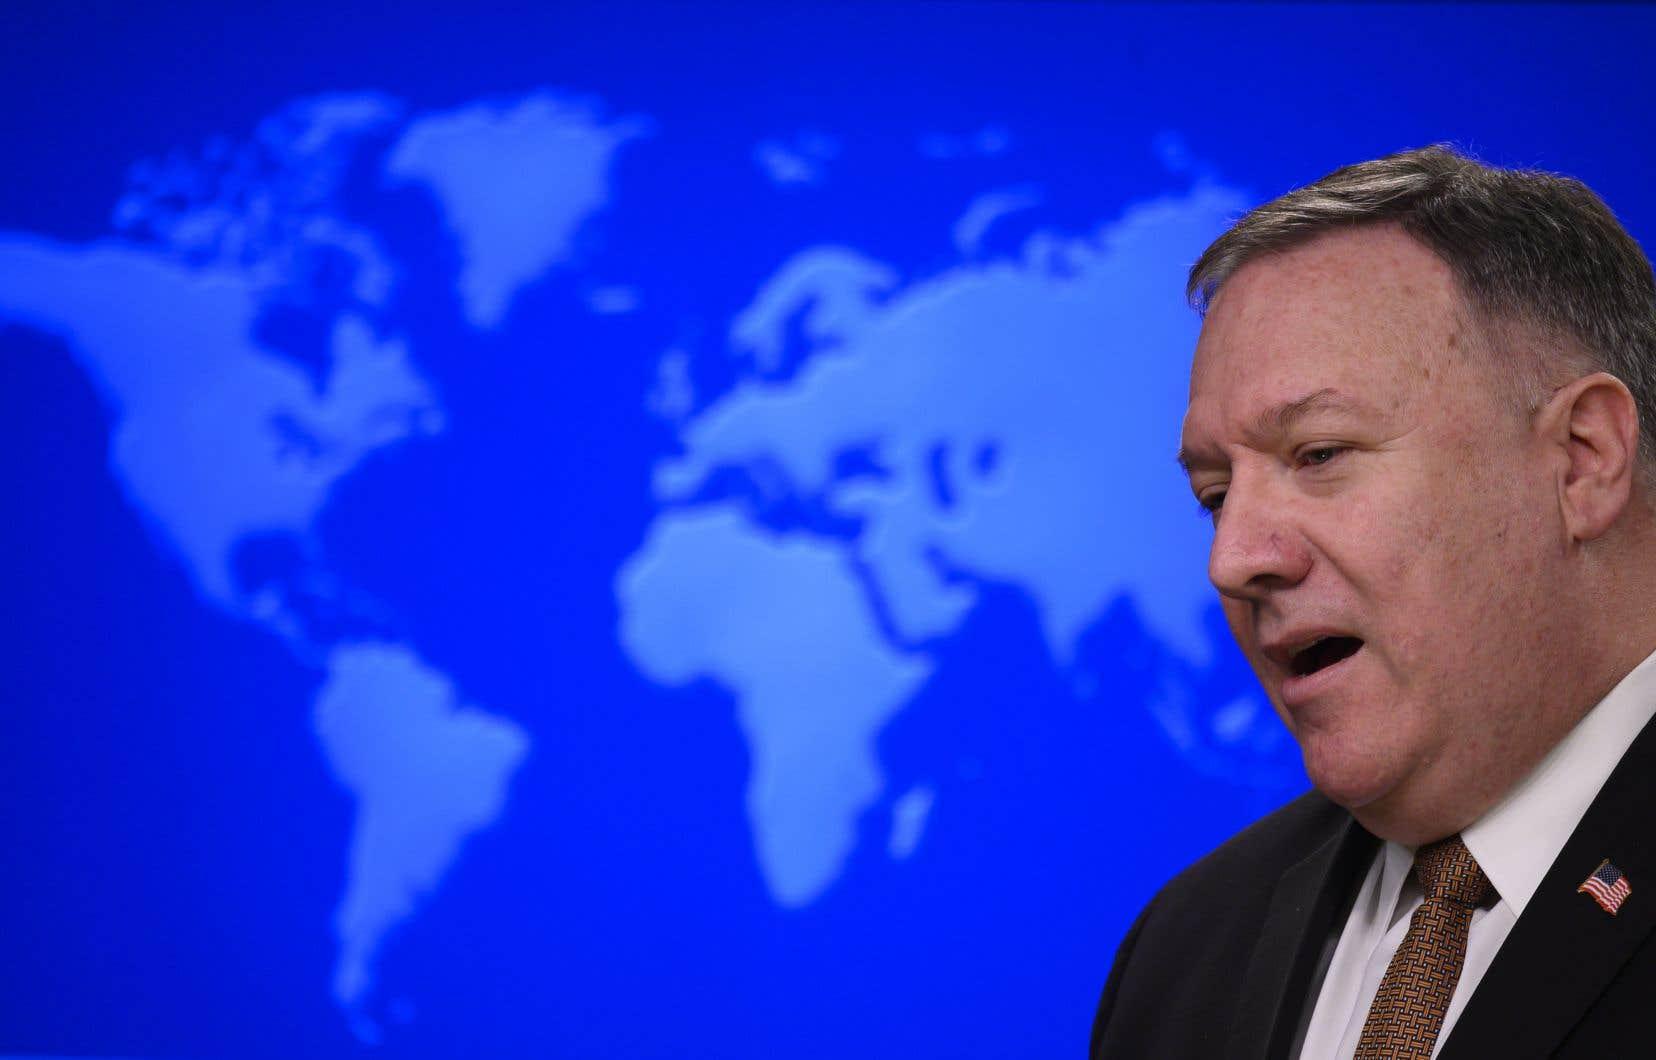 Dimanche, le secrétaire d'État américain, Mike Pompeo, a affirmé qu'il existe des «preuves immenses» que le coronavirus vienne d'un laboratoire de Wuhan, une théorie conspirationniste démentie par l'Organisation mondiale de la santé.